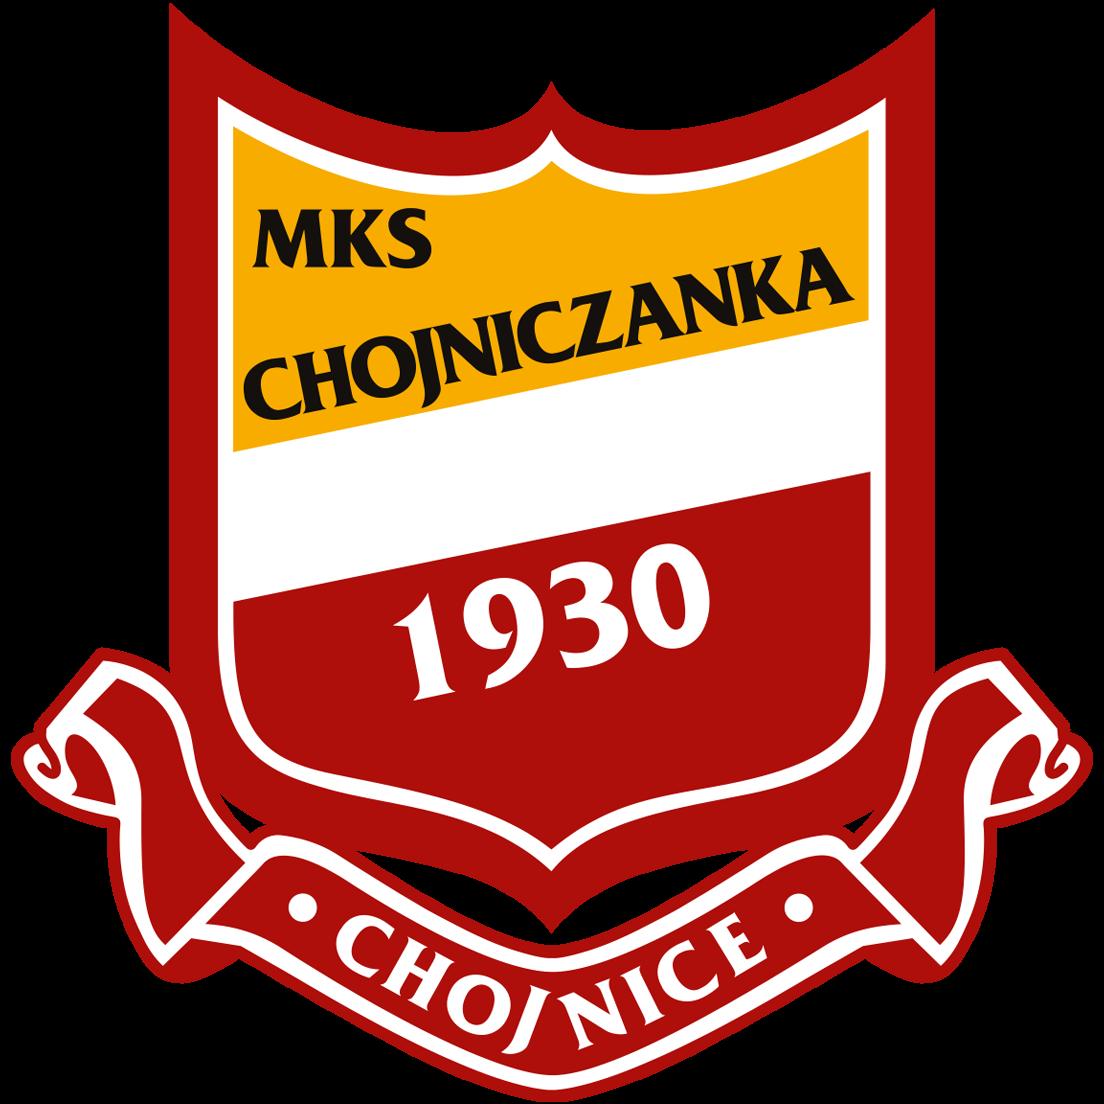 chojniczanka-logo